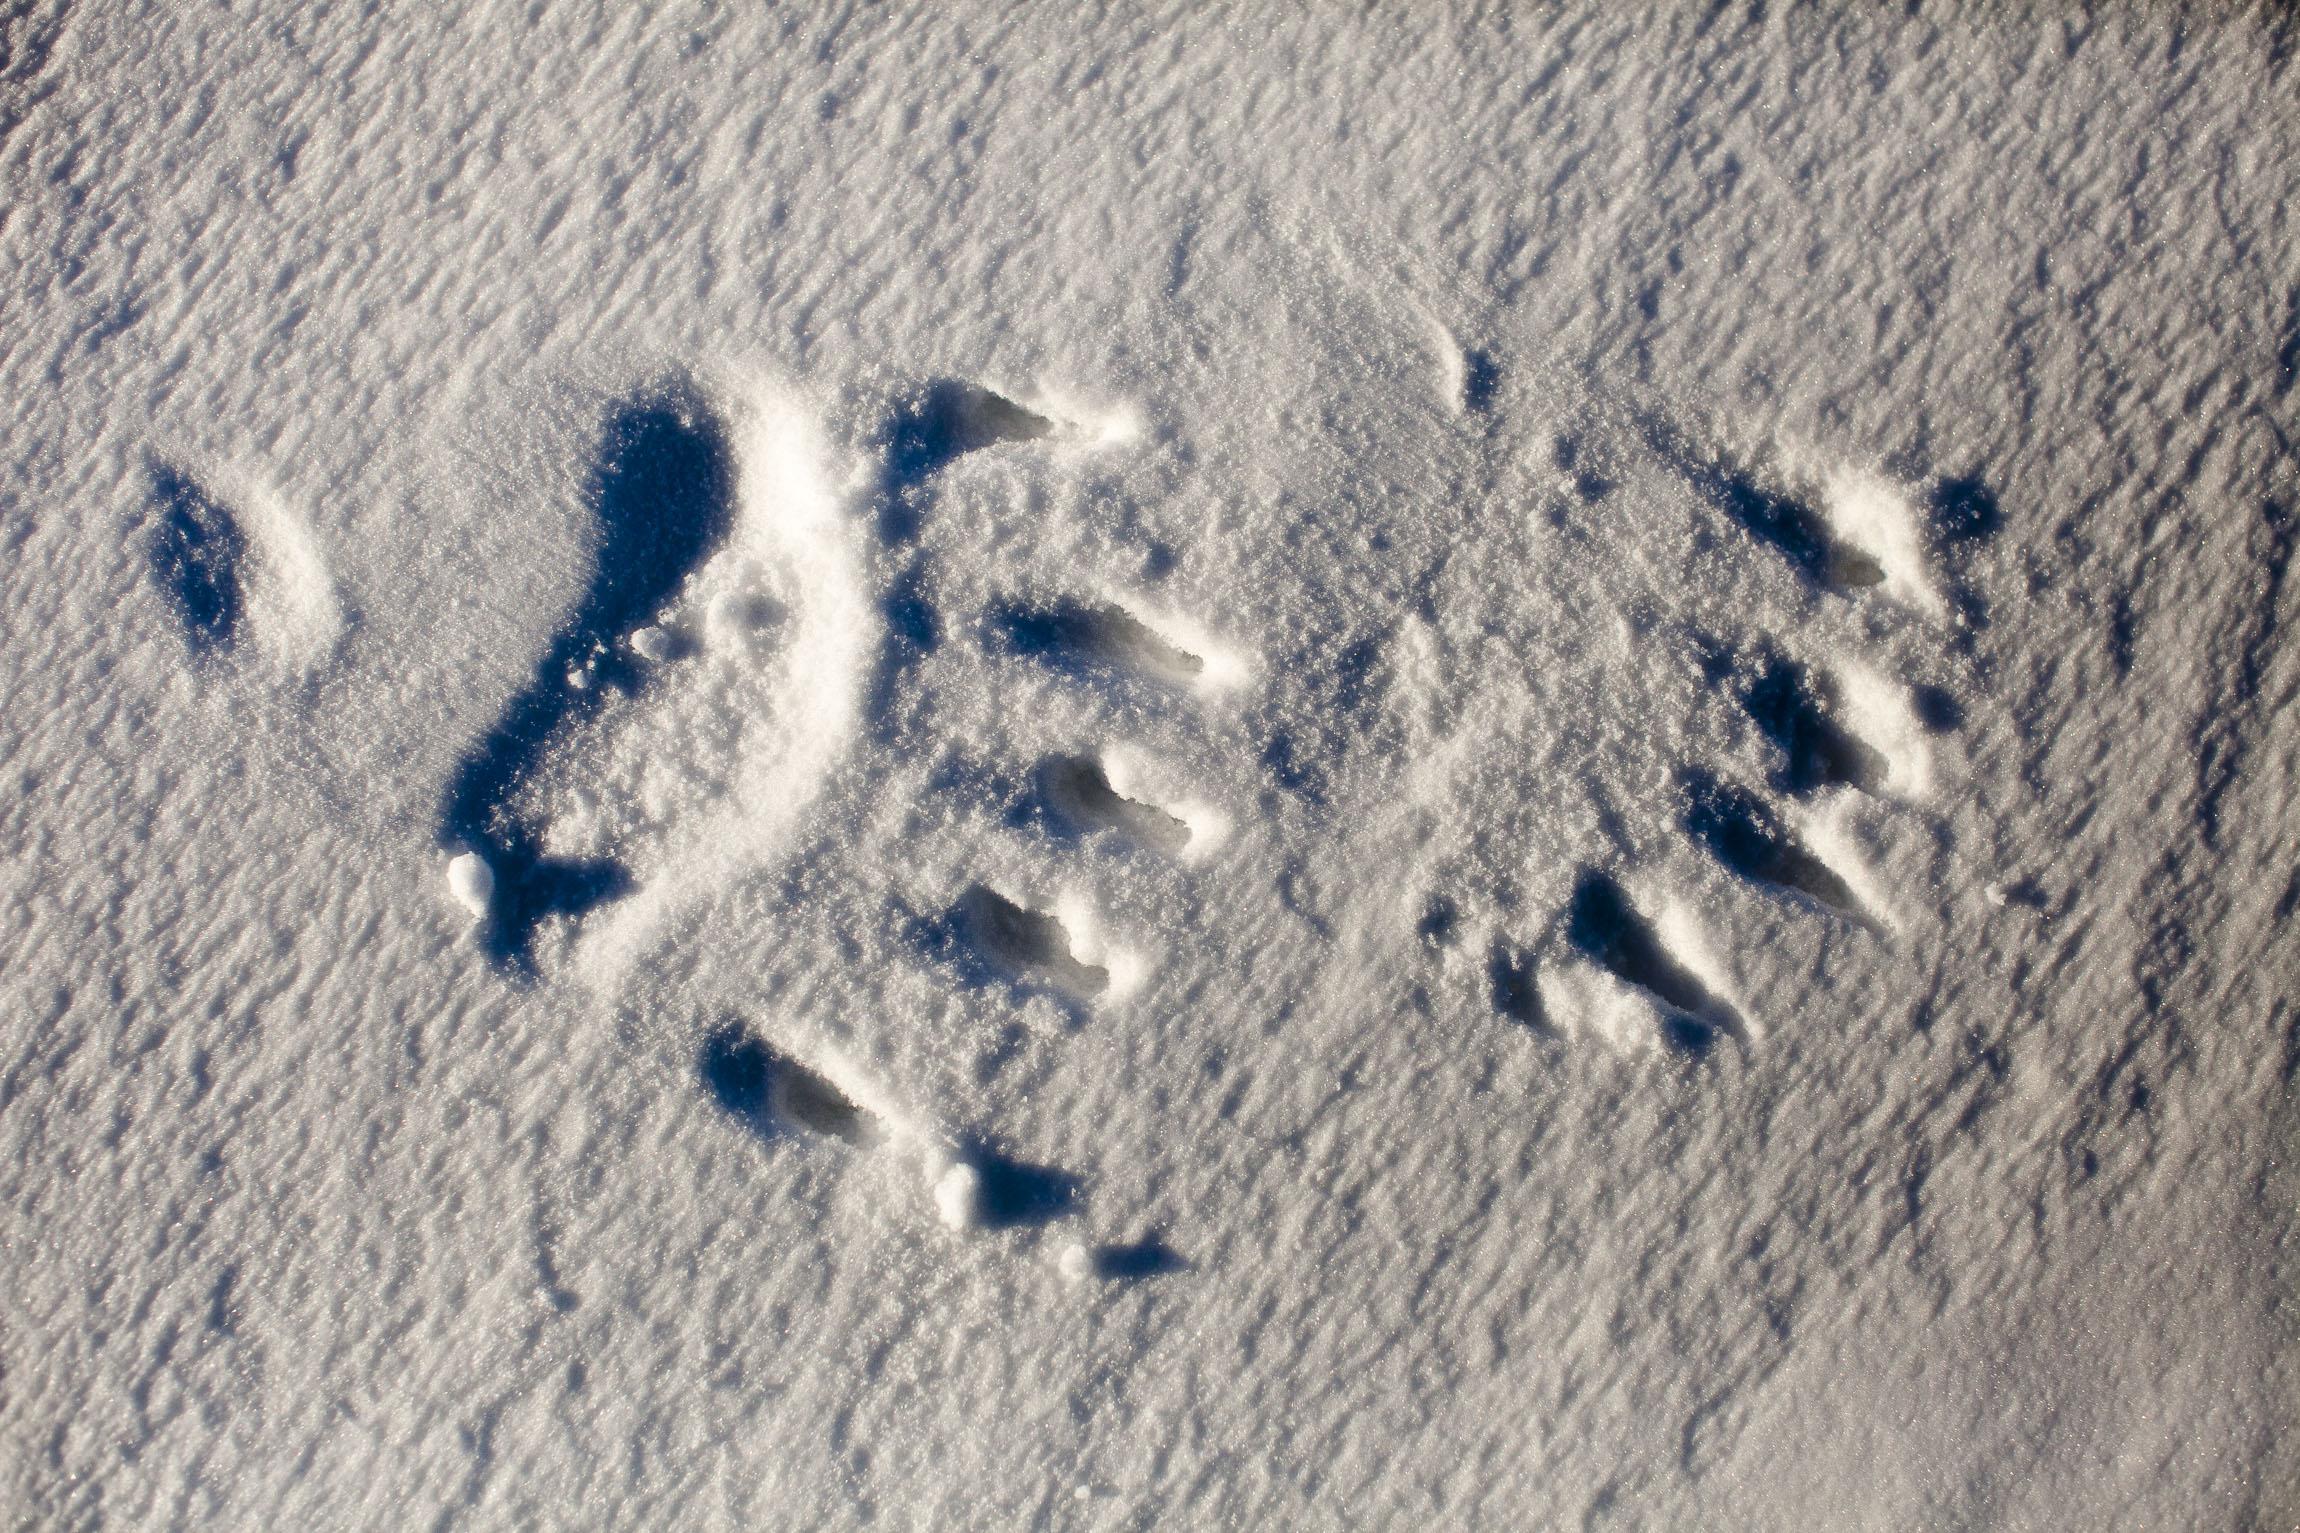 The paw print of a polar bear on snow